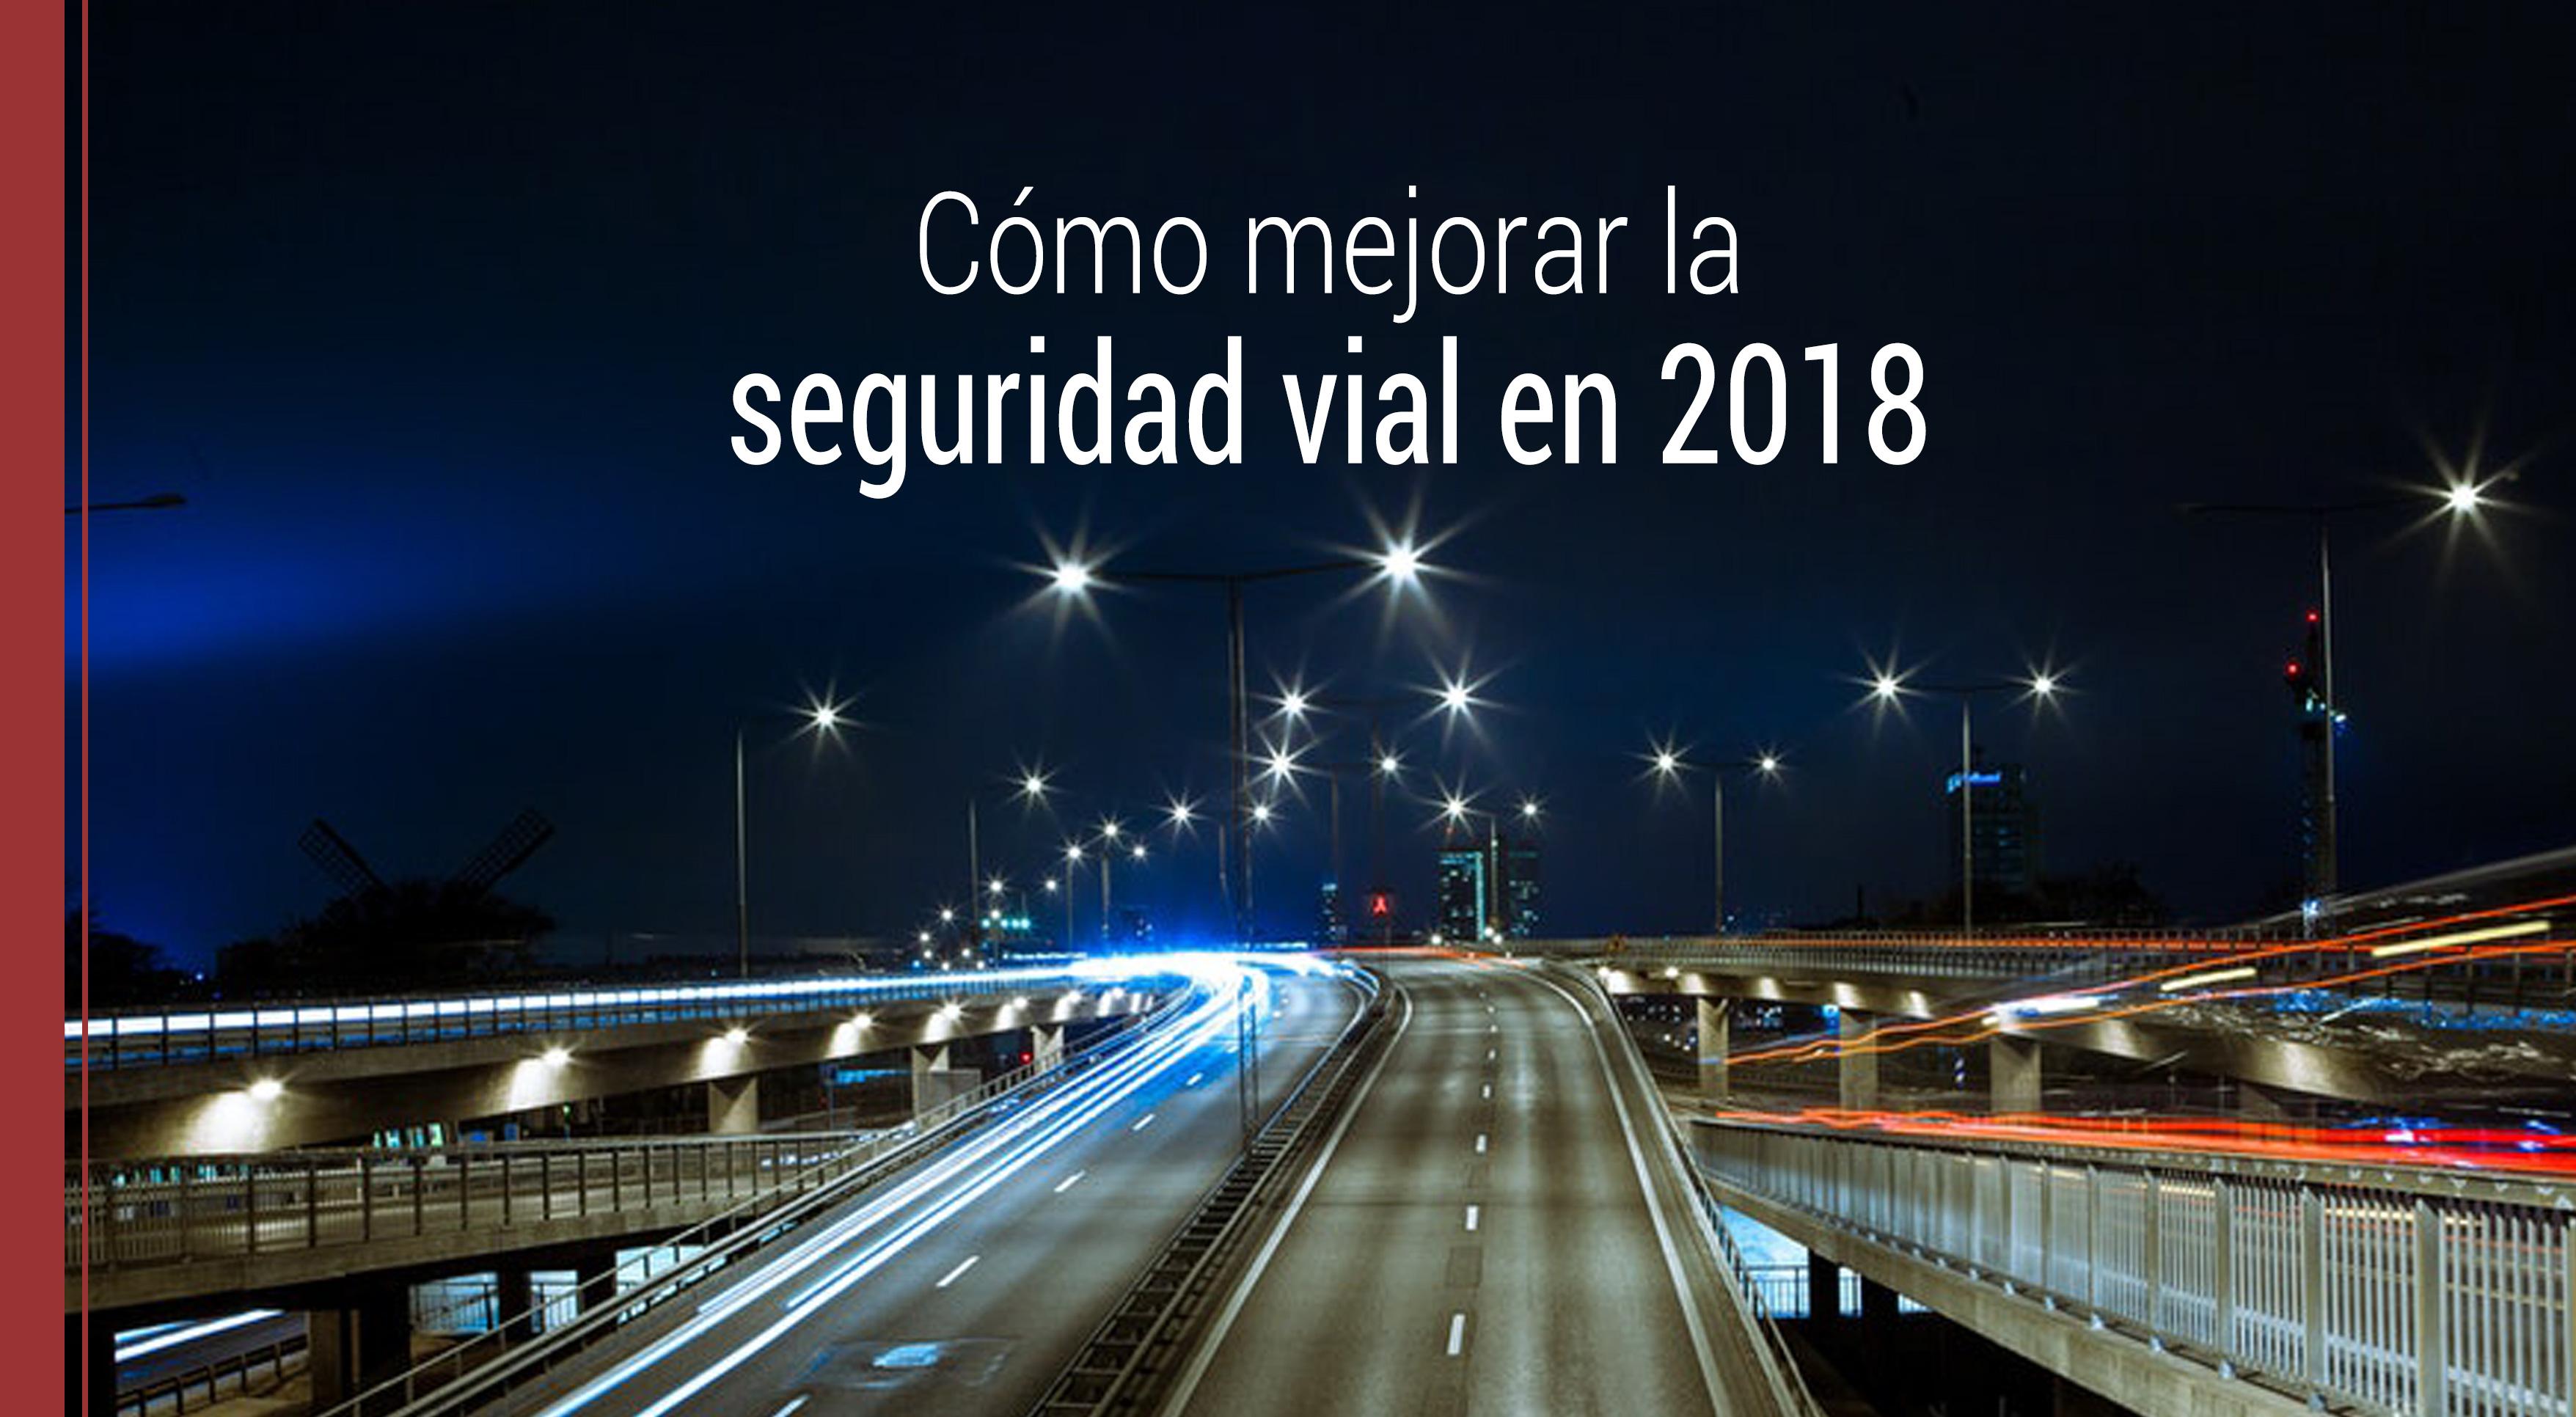 como-mejorar-la-seguridad-vial-en-2018 Cómo podemos mejorar la seguridad vial en 2018